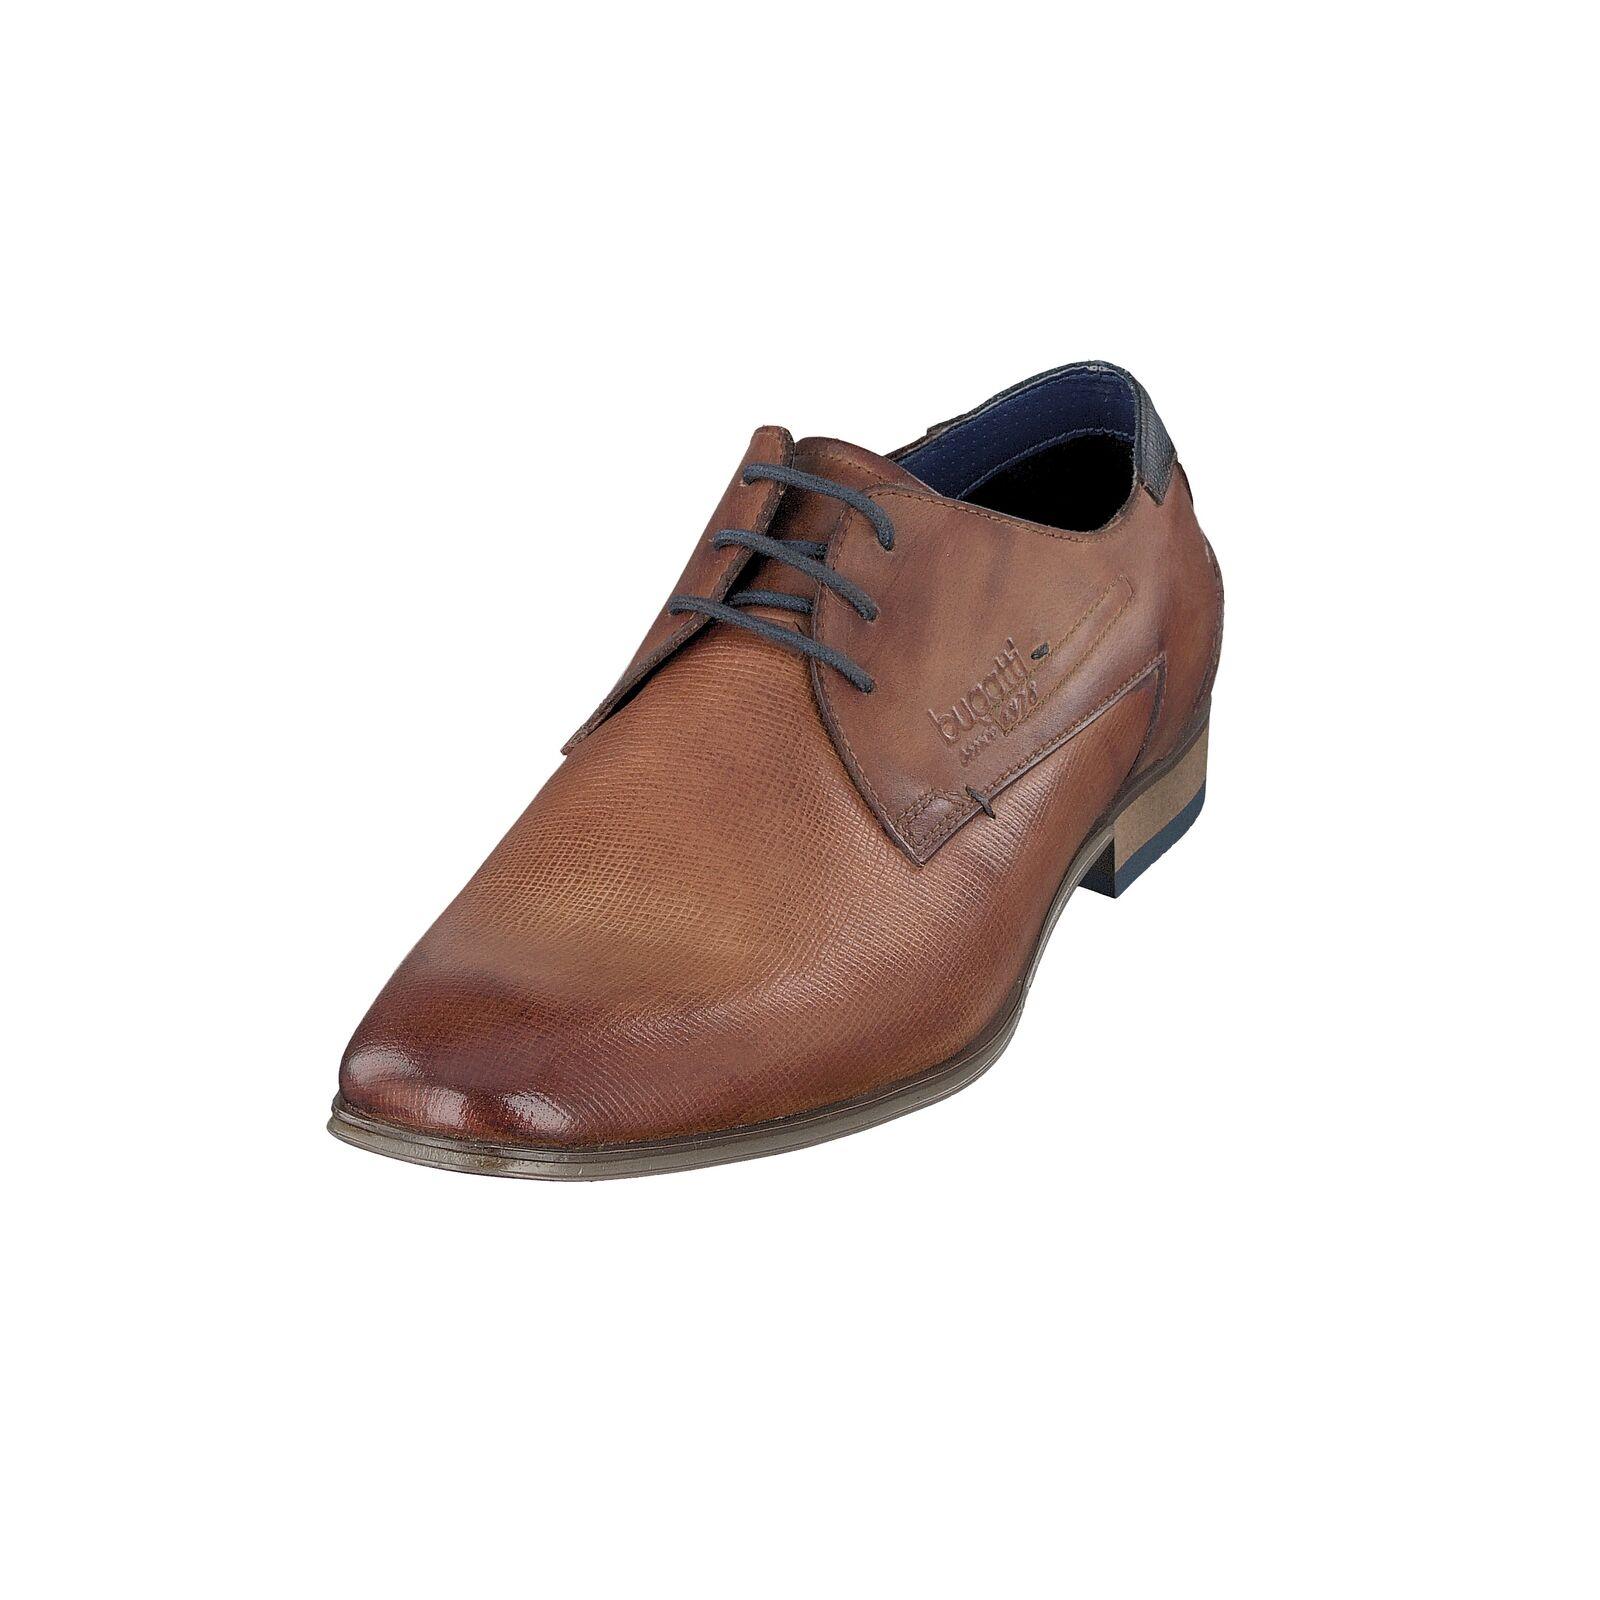 Bugatti Men 312-10108-2100 Herren Schuhe Business Schnürschuhe Hochzeit Cognac